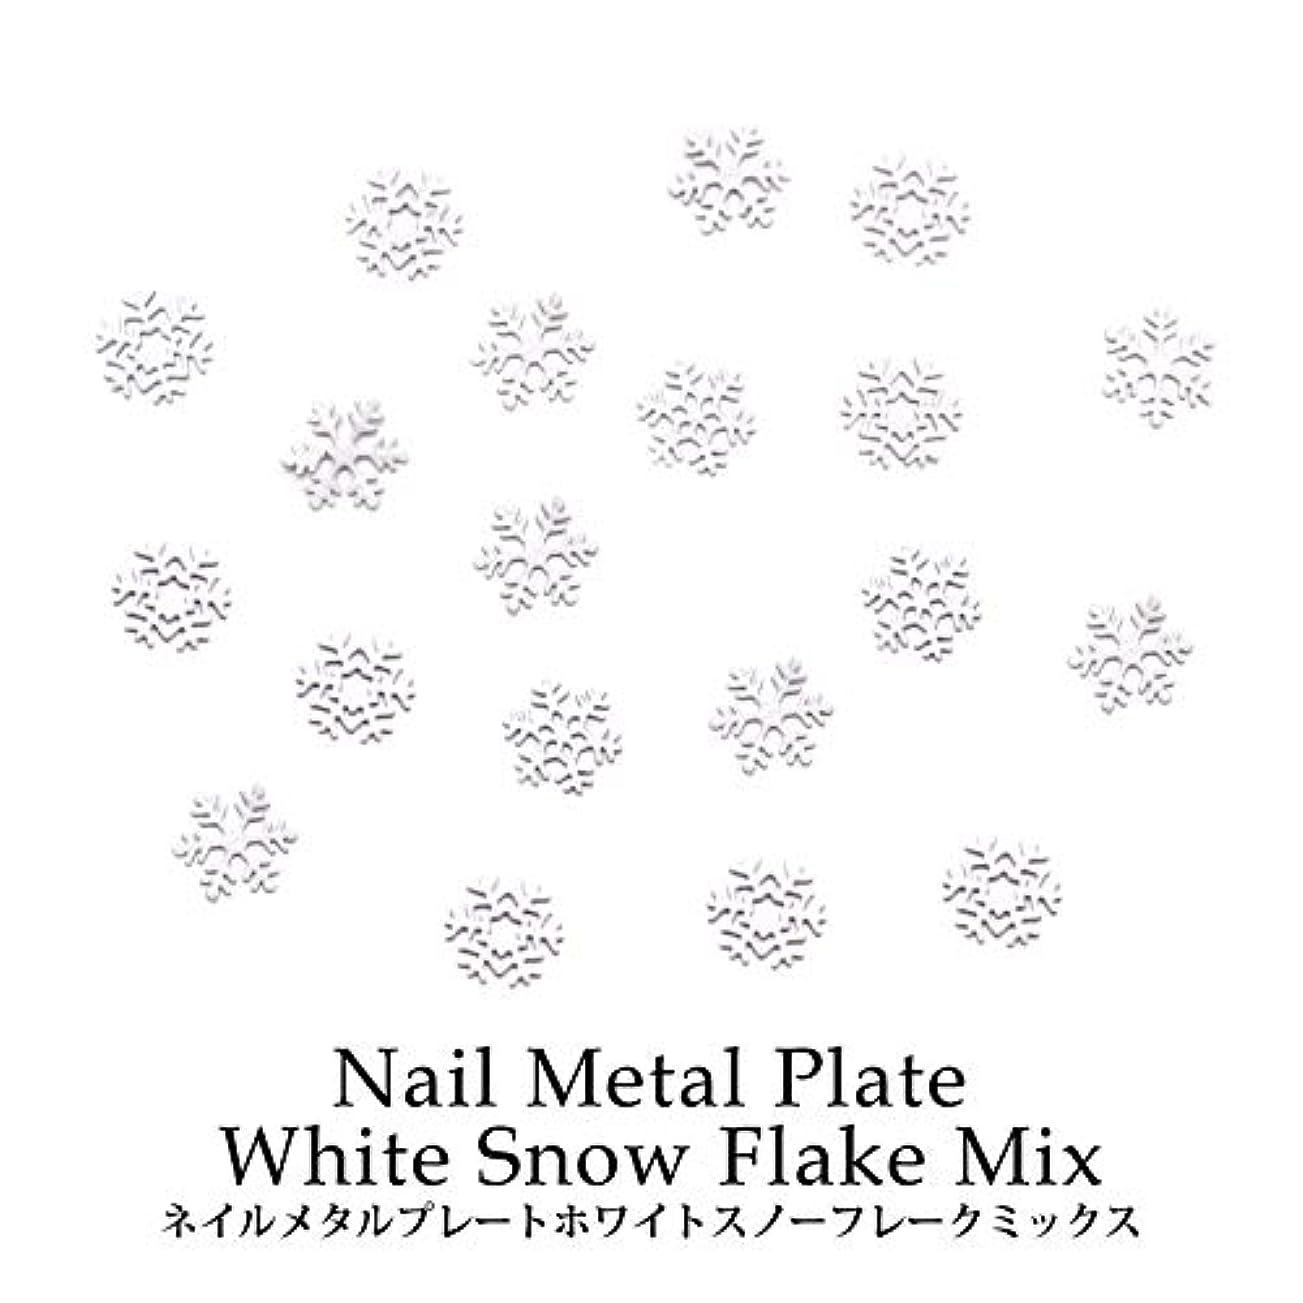 連邦料理をする恐ろしいですネイル メタルプレート ホワイトスノーフレーク ミックス 約0.5g ケース入り